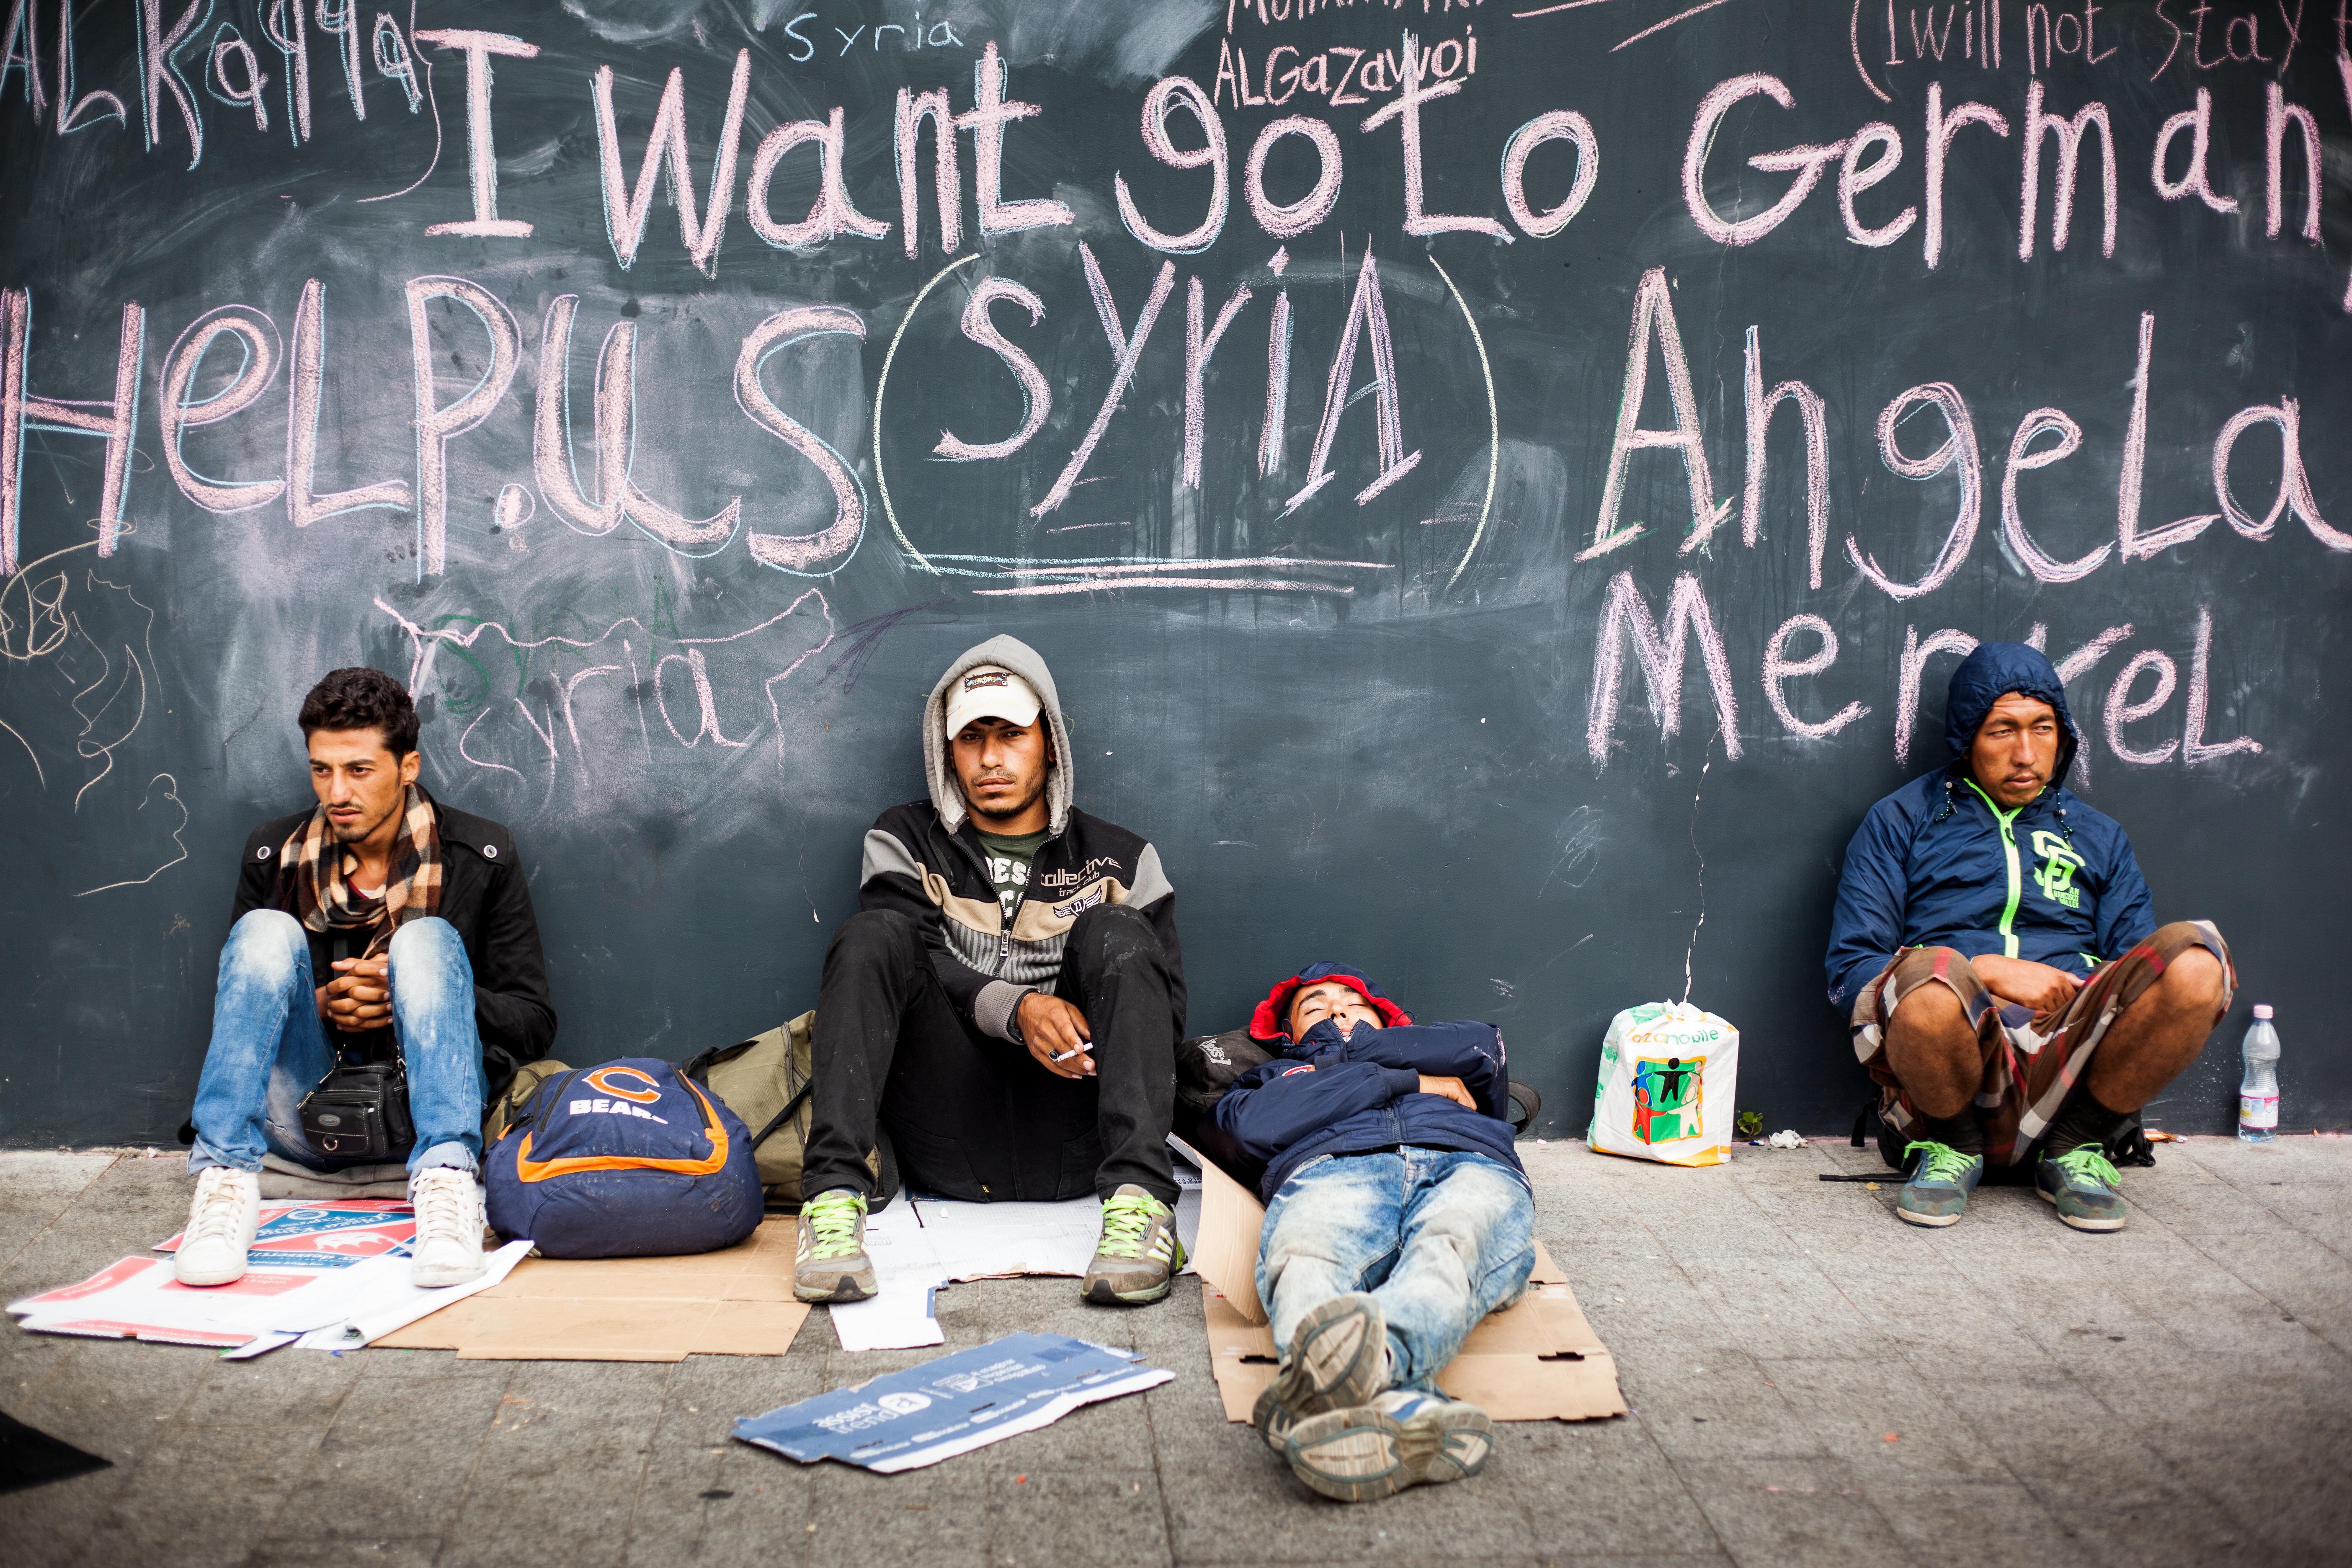 Μέρκελ: Η αντιμετώπιση του μεταναστευτικού ενδέχεται να καθορίσει την επιβίωση της